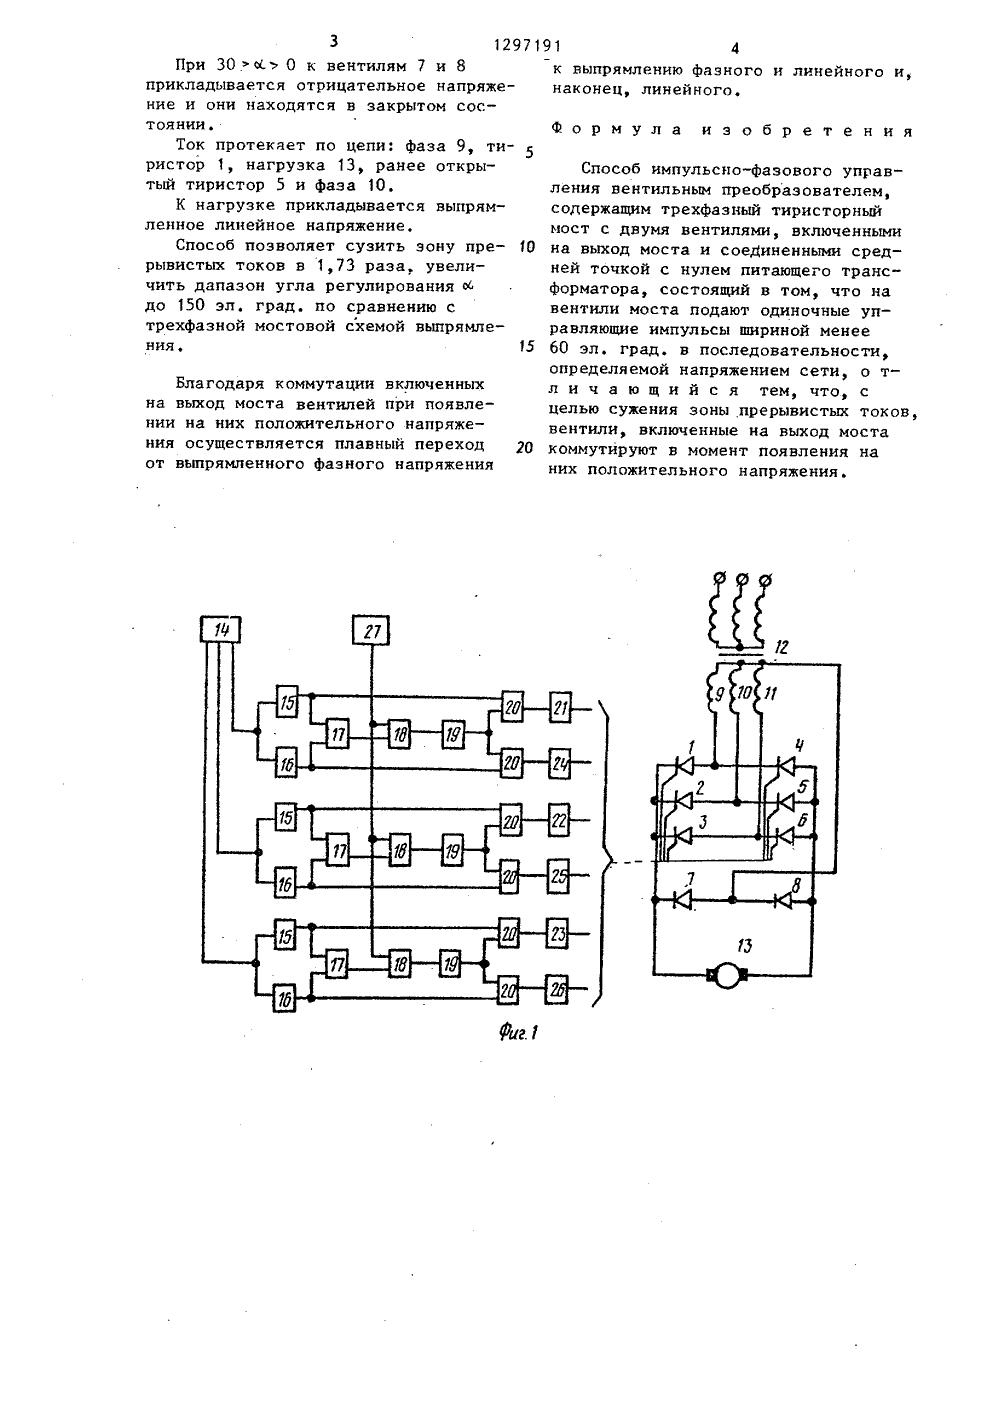 Тиристорный трехфазный регулятор напряжения схема